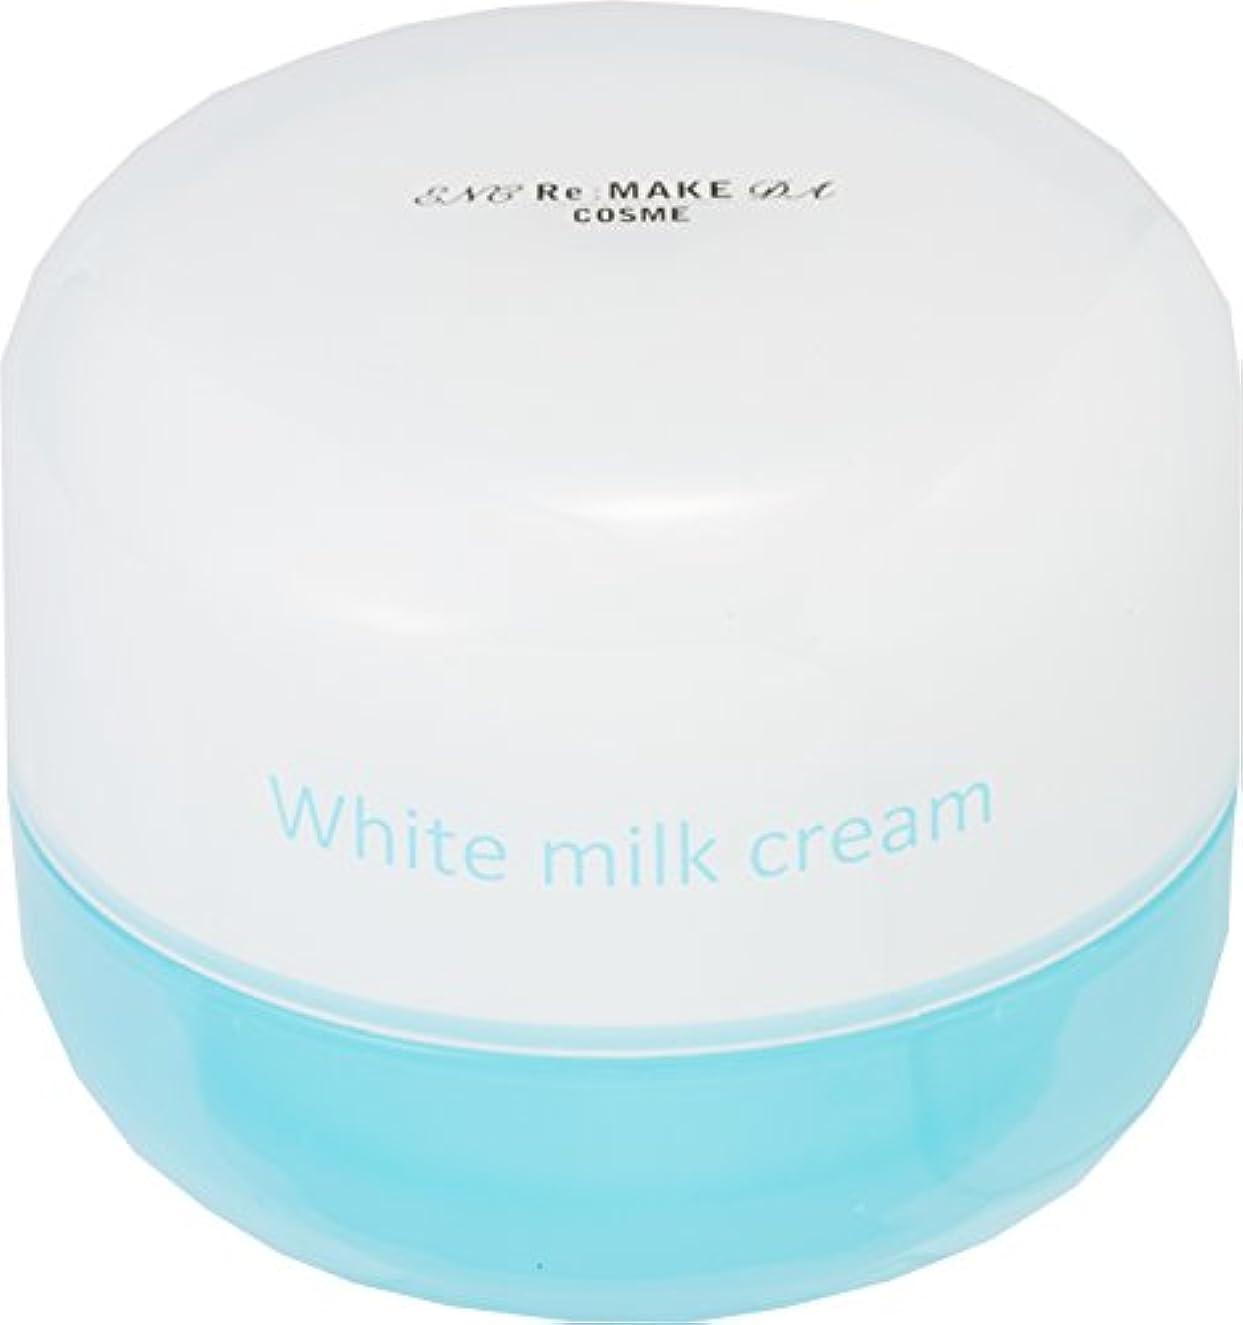 長々と湿地楽しませるホワイトミルククリーム